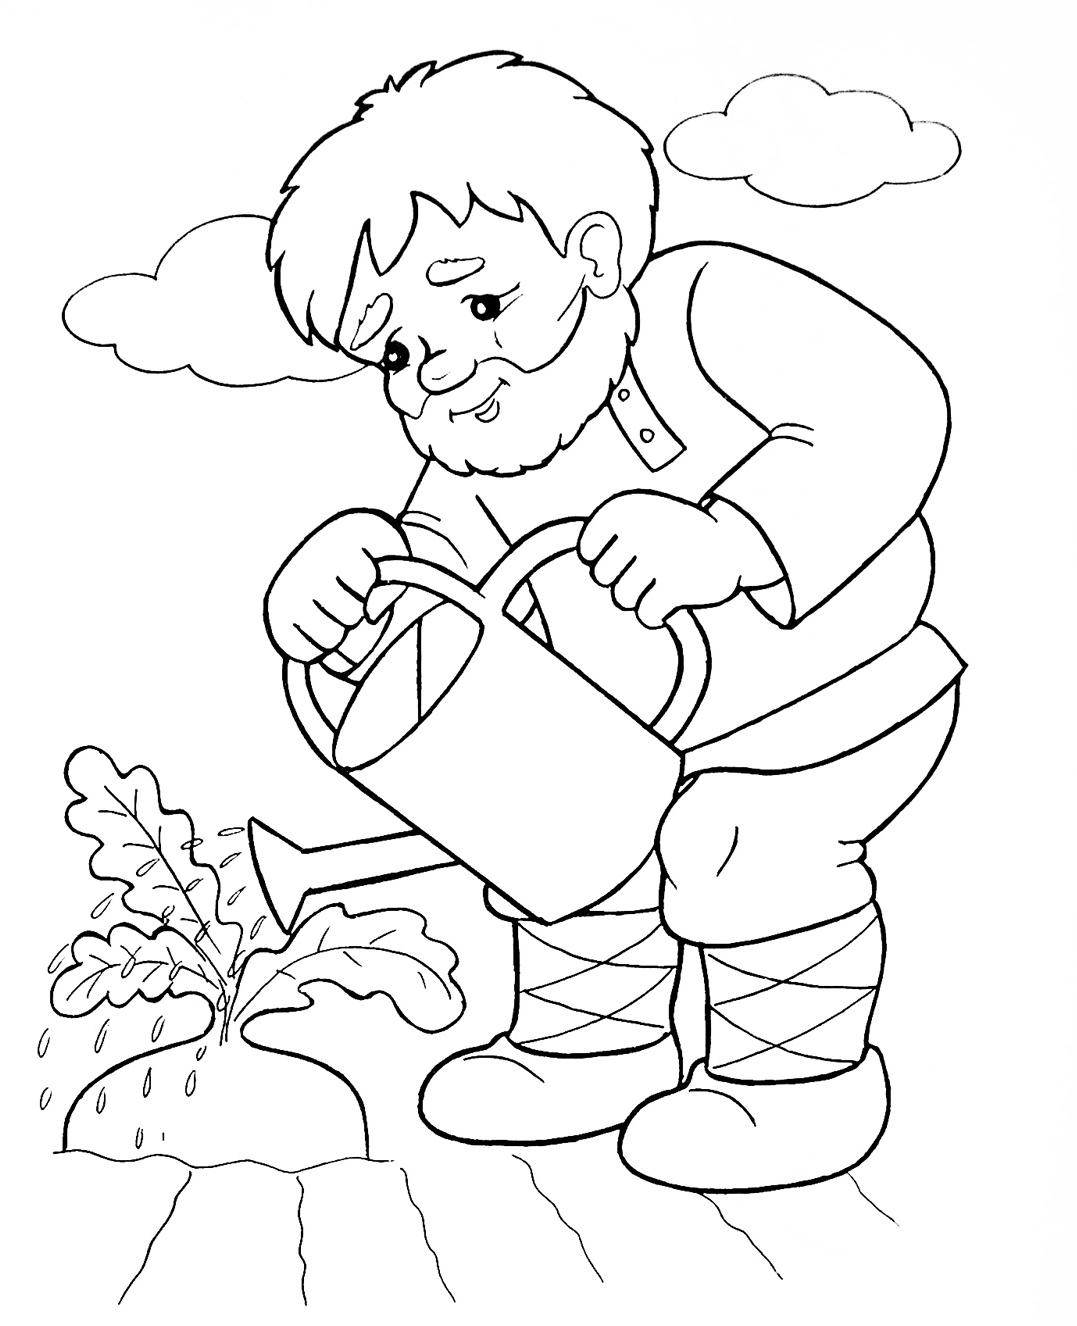 Иллюстрации к сказке репка картинки для детей для раскраски